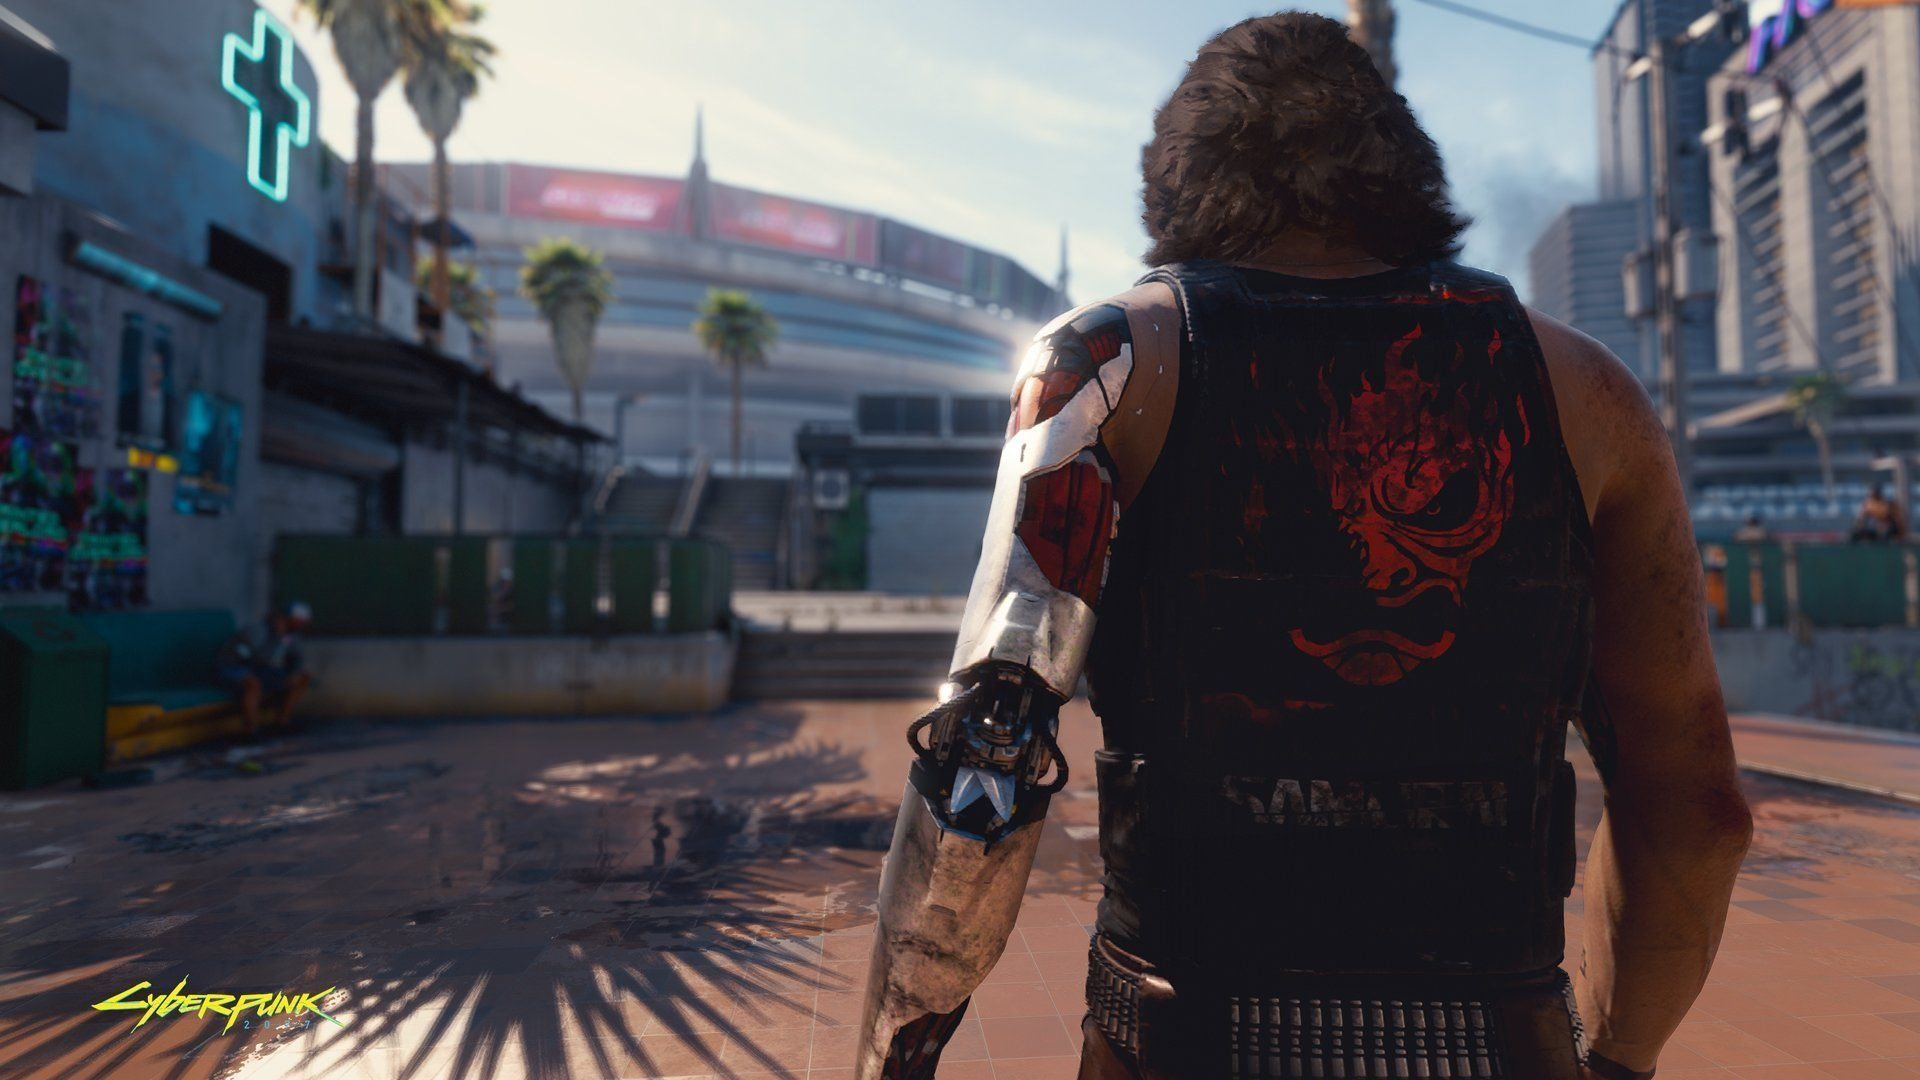 E3 2019; screenshot: johny silverhand